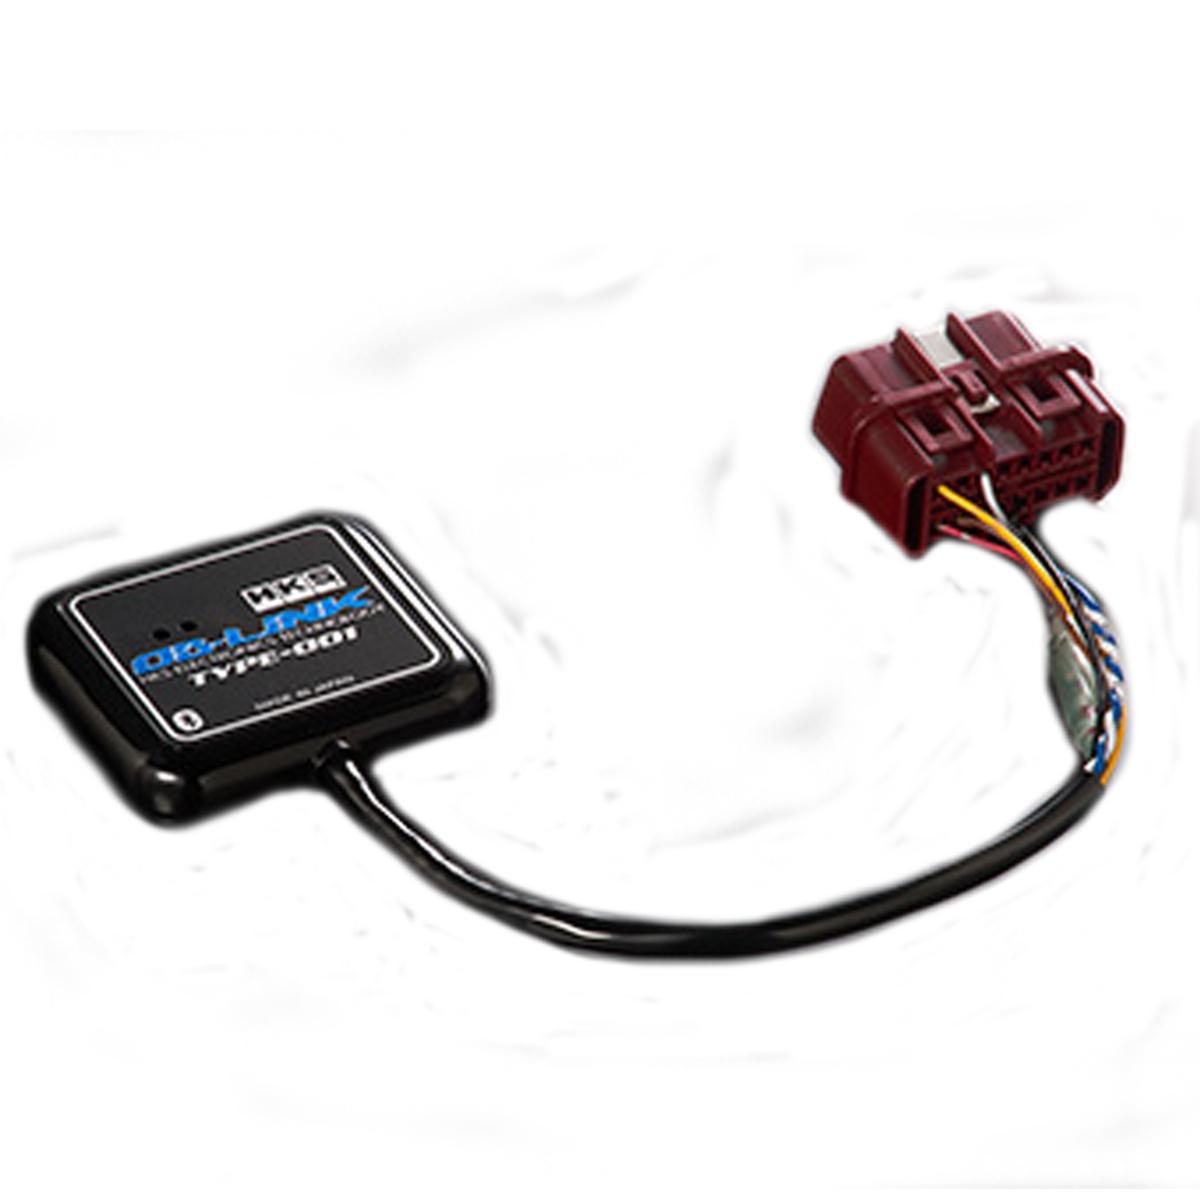 レヴォーグ モニター OBリンク タイプ 001 VM4 HKS 44009-AK002 エレクトリニクス